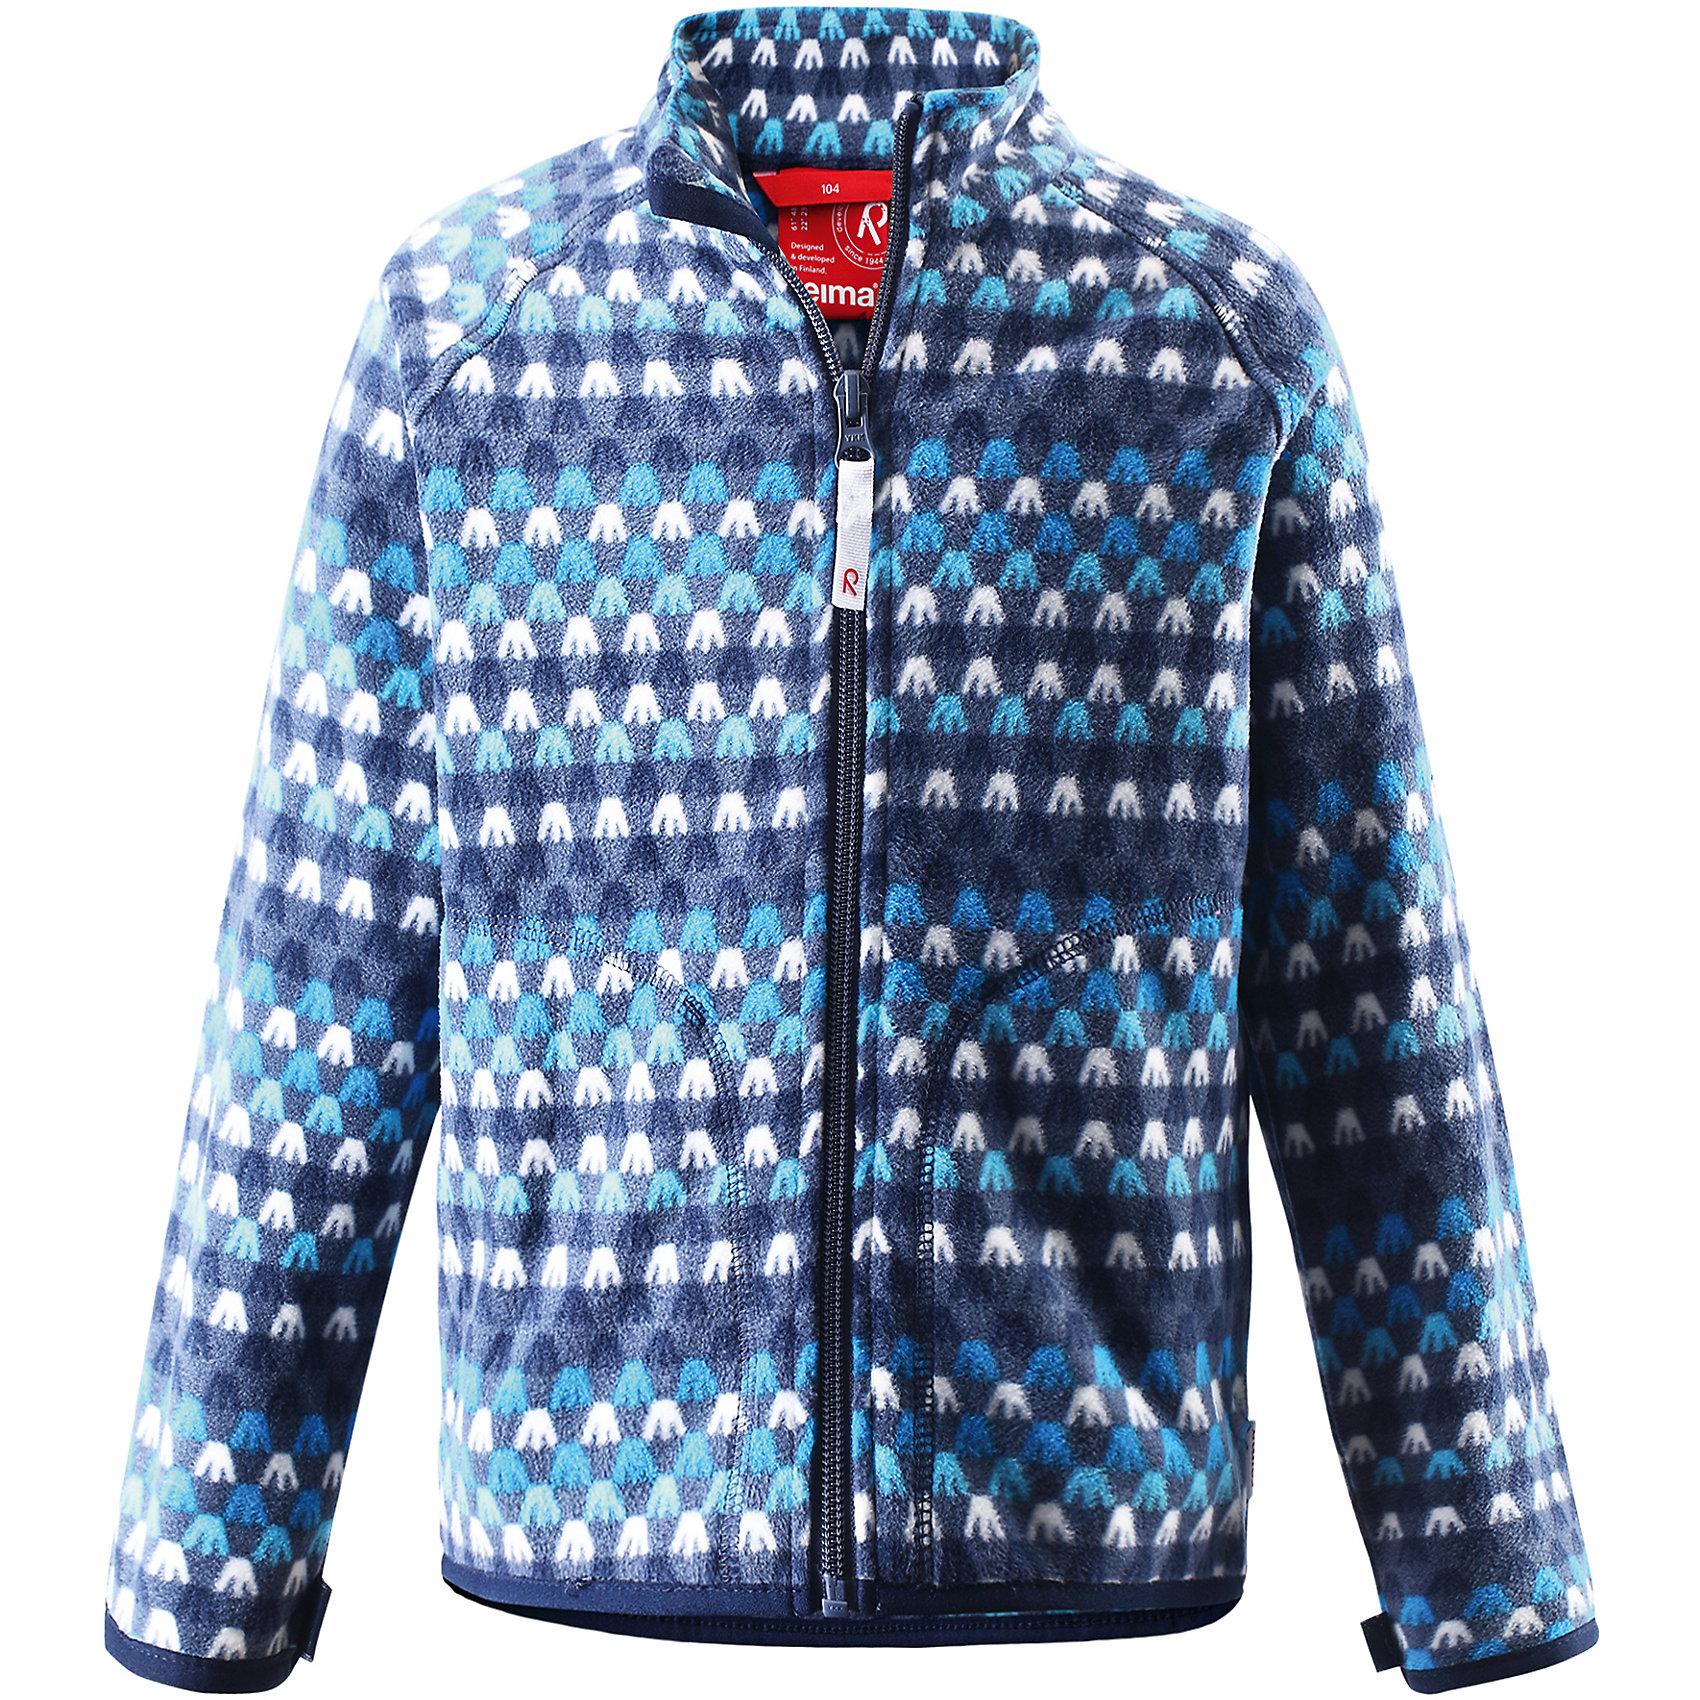 Толстовка флисовая Steppe ReimaТолстовки<br>Толстовка флисовая  Reima<br>Флисовая куртка для детей. Выводит влагу наружу и быстро сохнет. Теплый, легкий и быстросохнущий поларфлис. Может пристегиваться к верхней одежде Reima® кнопками Play Layers®. Эластичные манжеты. Удлиненный подол сзади. Молния по всей длине с защитой подбородка. Боковые карманы. Принт по всей поверхности.<br>Уход:<br>Стирать по отдельности, вывернув наизнанку. Застегнуть молнии. Стирать моющим средством, не содержащим отбеливающие вещества. Полоскать без специального средства.  Сушить при низкой температуре.<br>Состав:<br>100% Полиэстер<br><br>Ширина мм: 356<br>Глубина мм: 10<br>Высота мм: 245<br>Вес г: 519<br>Цвет: синий<br>Возраст от месяцев: 18<br>Возраст до месяцев: 24<br>Пол: Унисекс<br>Возраст: Детский<br>Размер: 92,140,98,104,110,116,122,128,134<br>SKU: 4779256